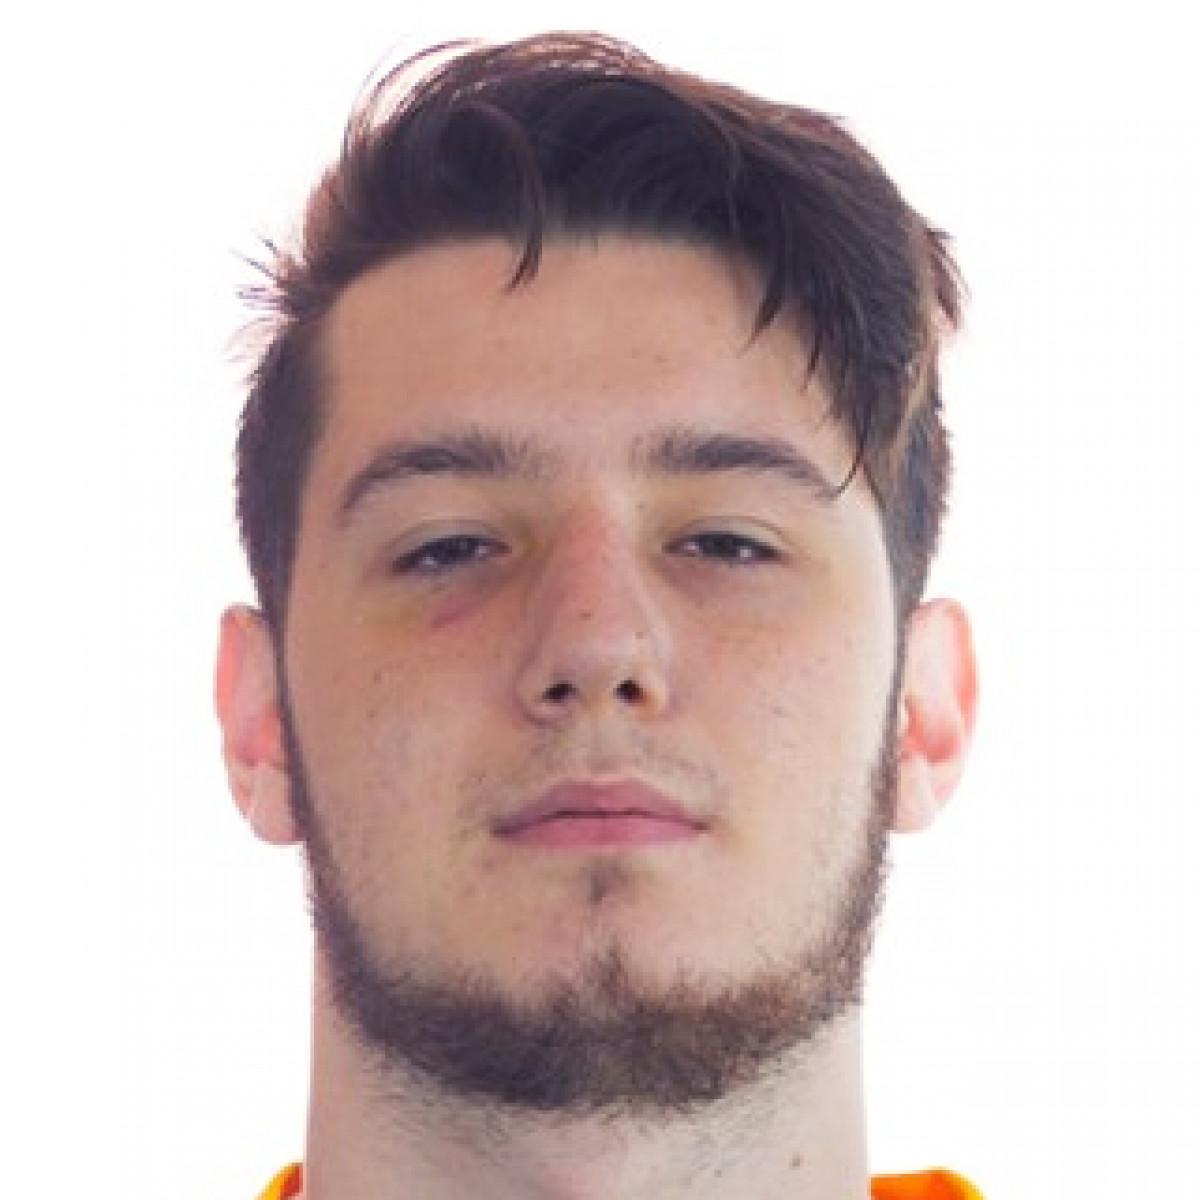 Georgi Podkolzin